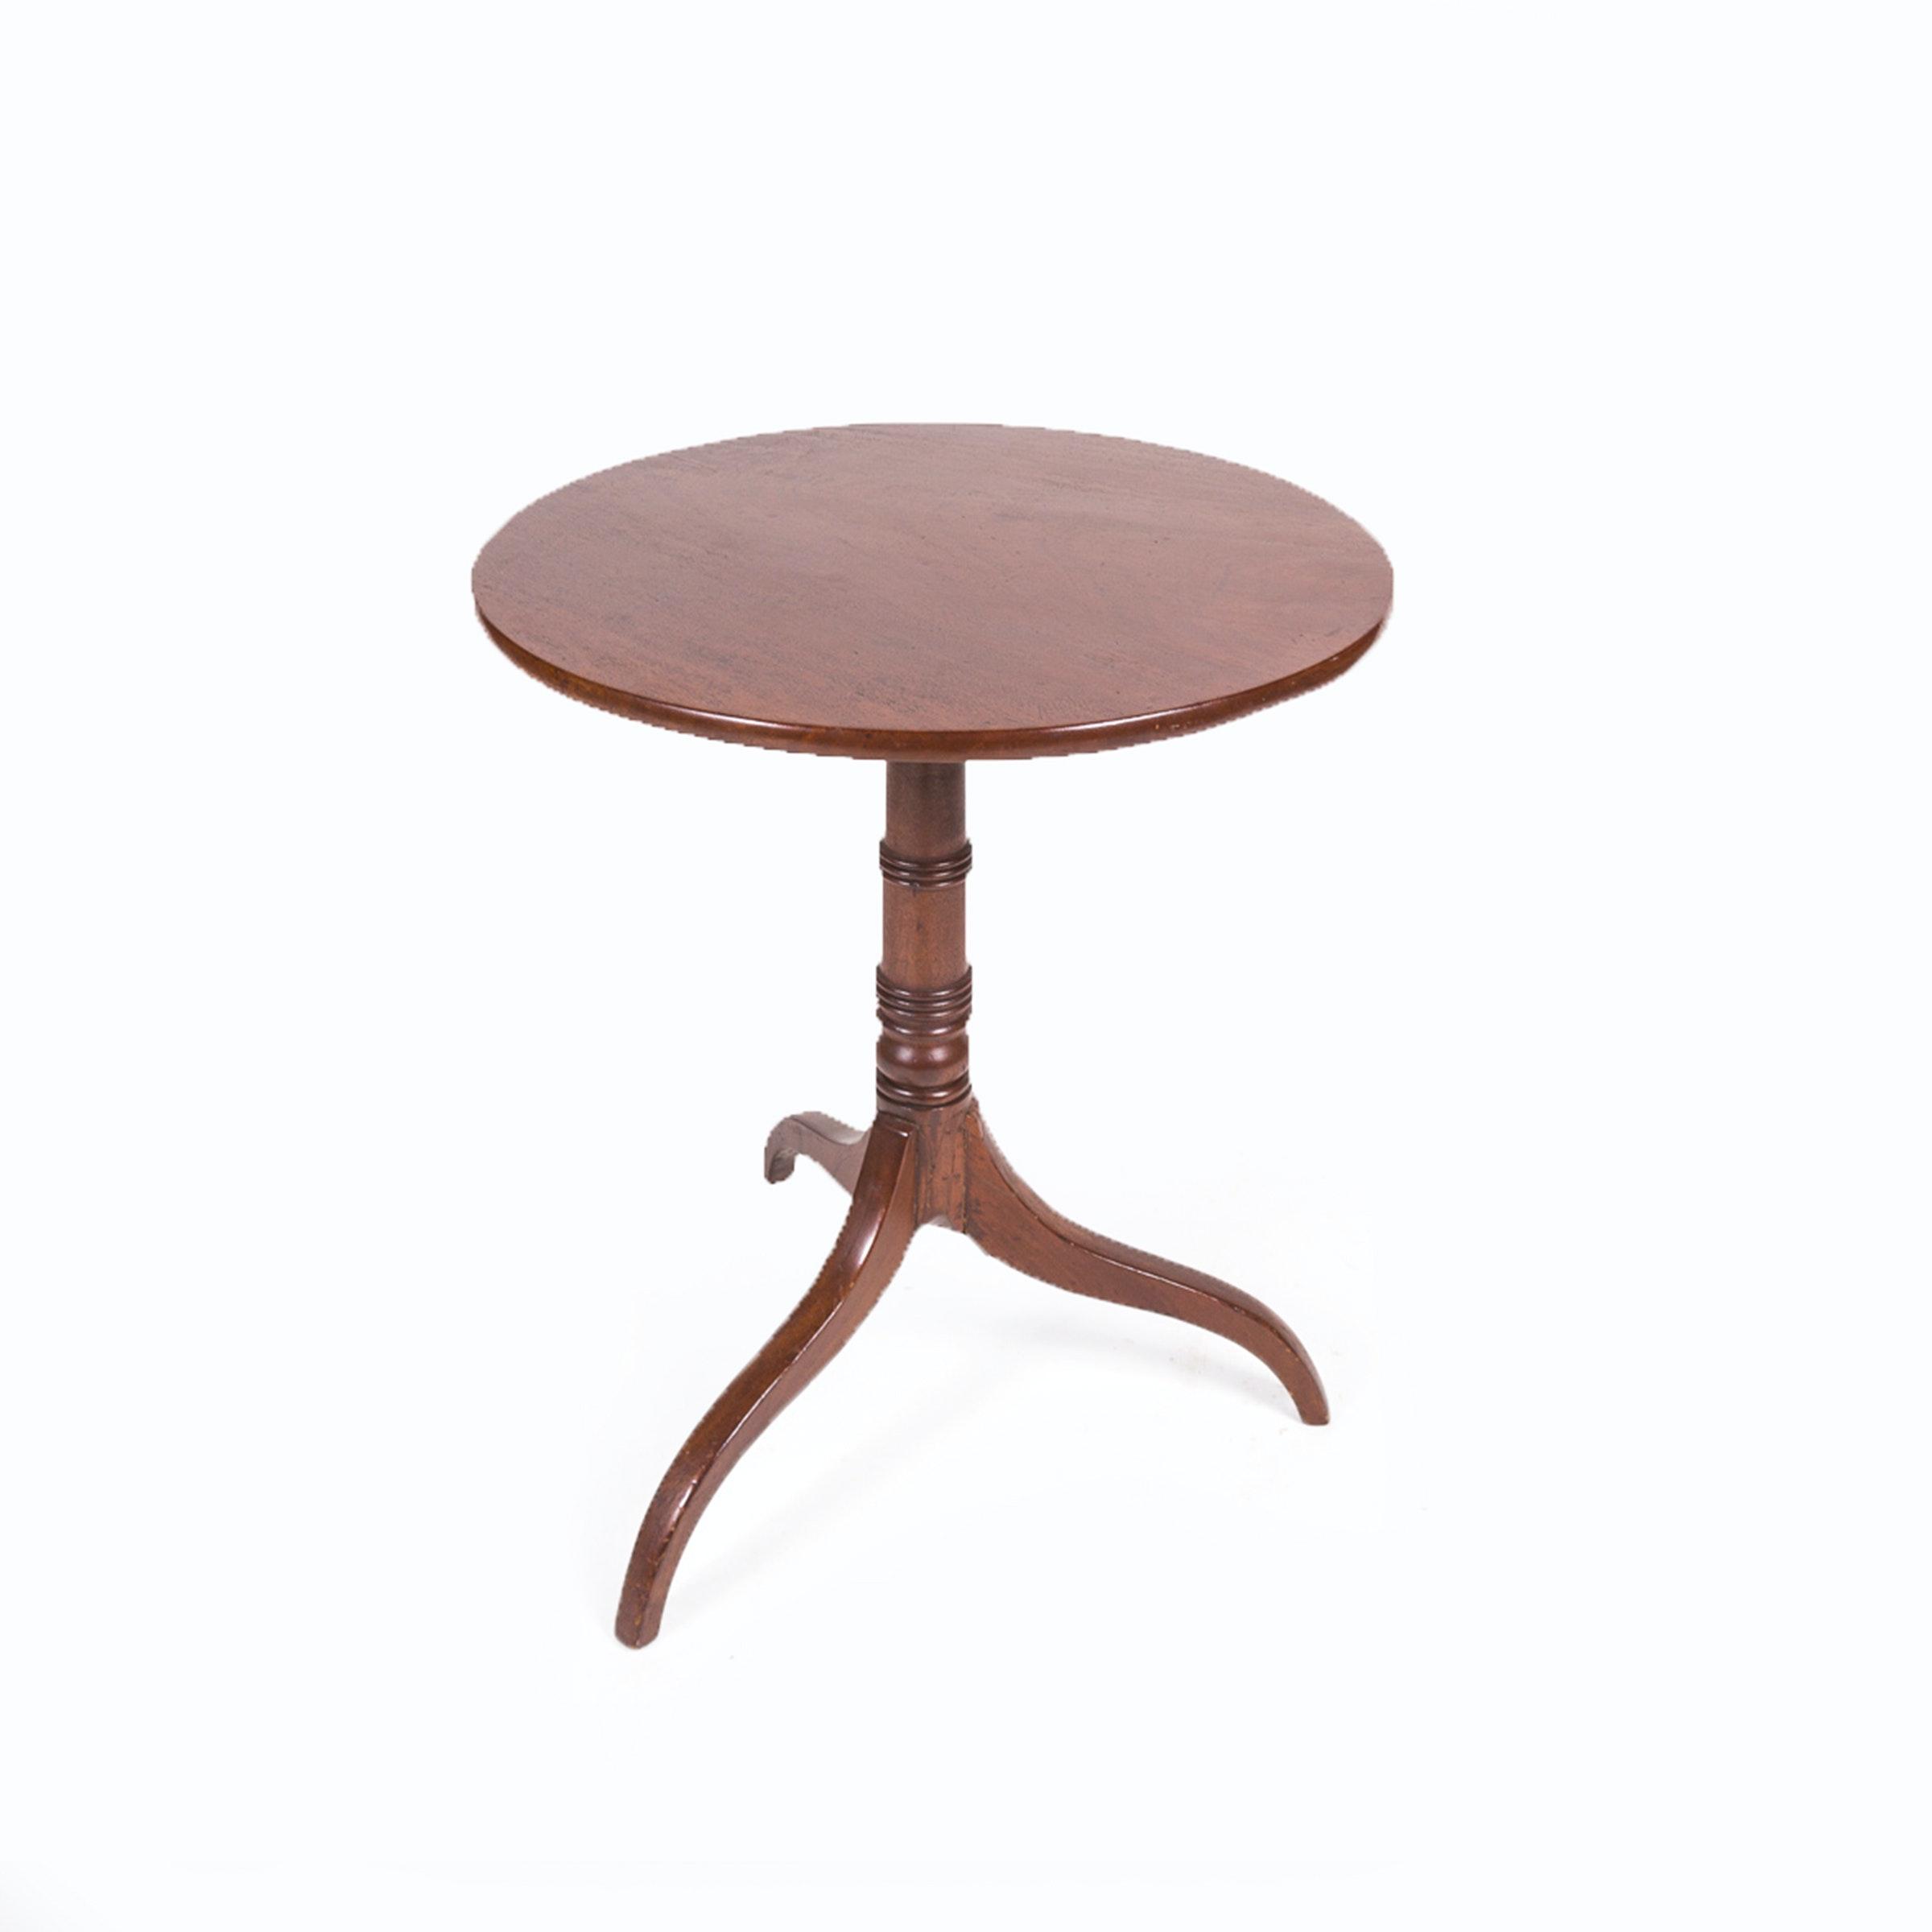 Antique English Mahogany Tilt-Top Table